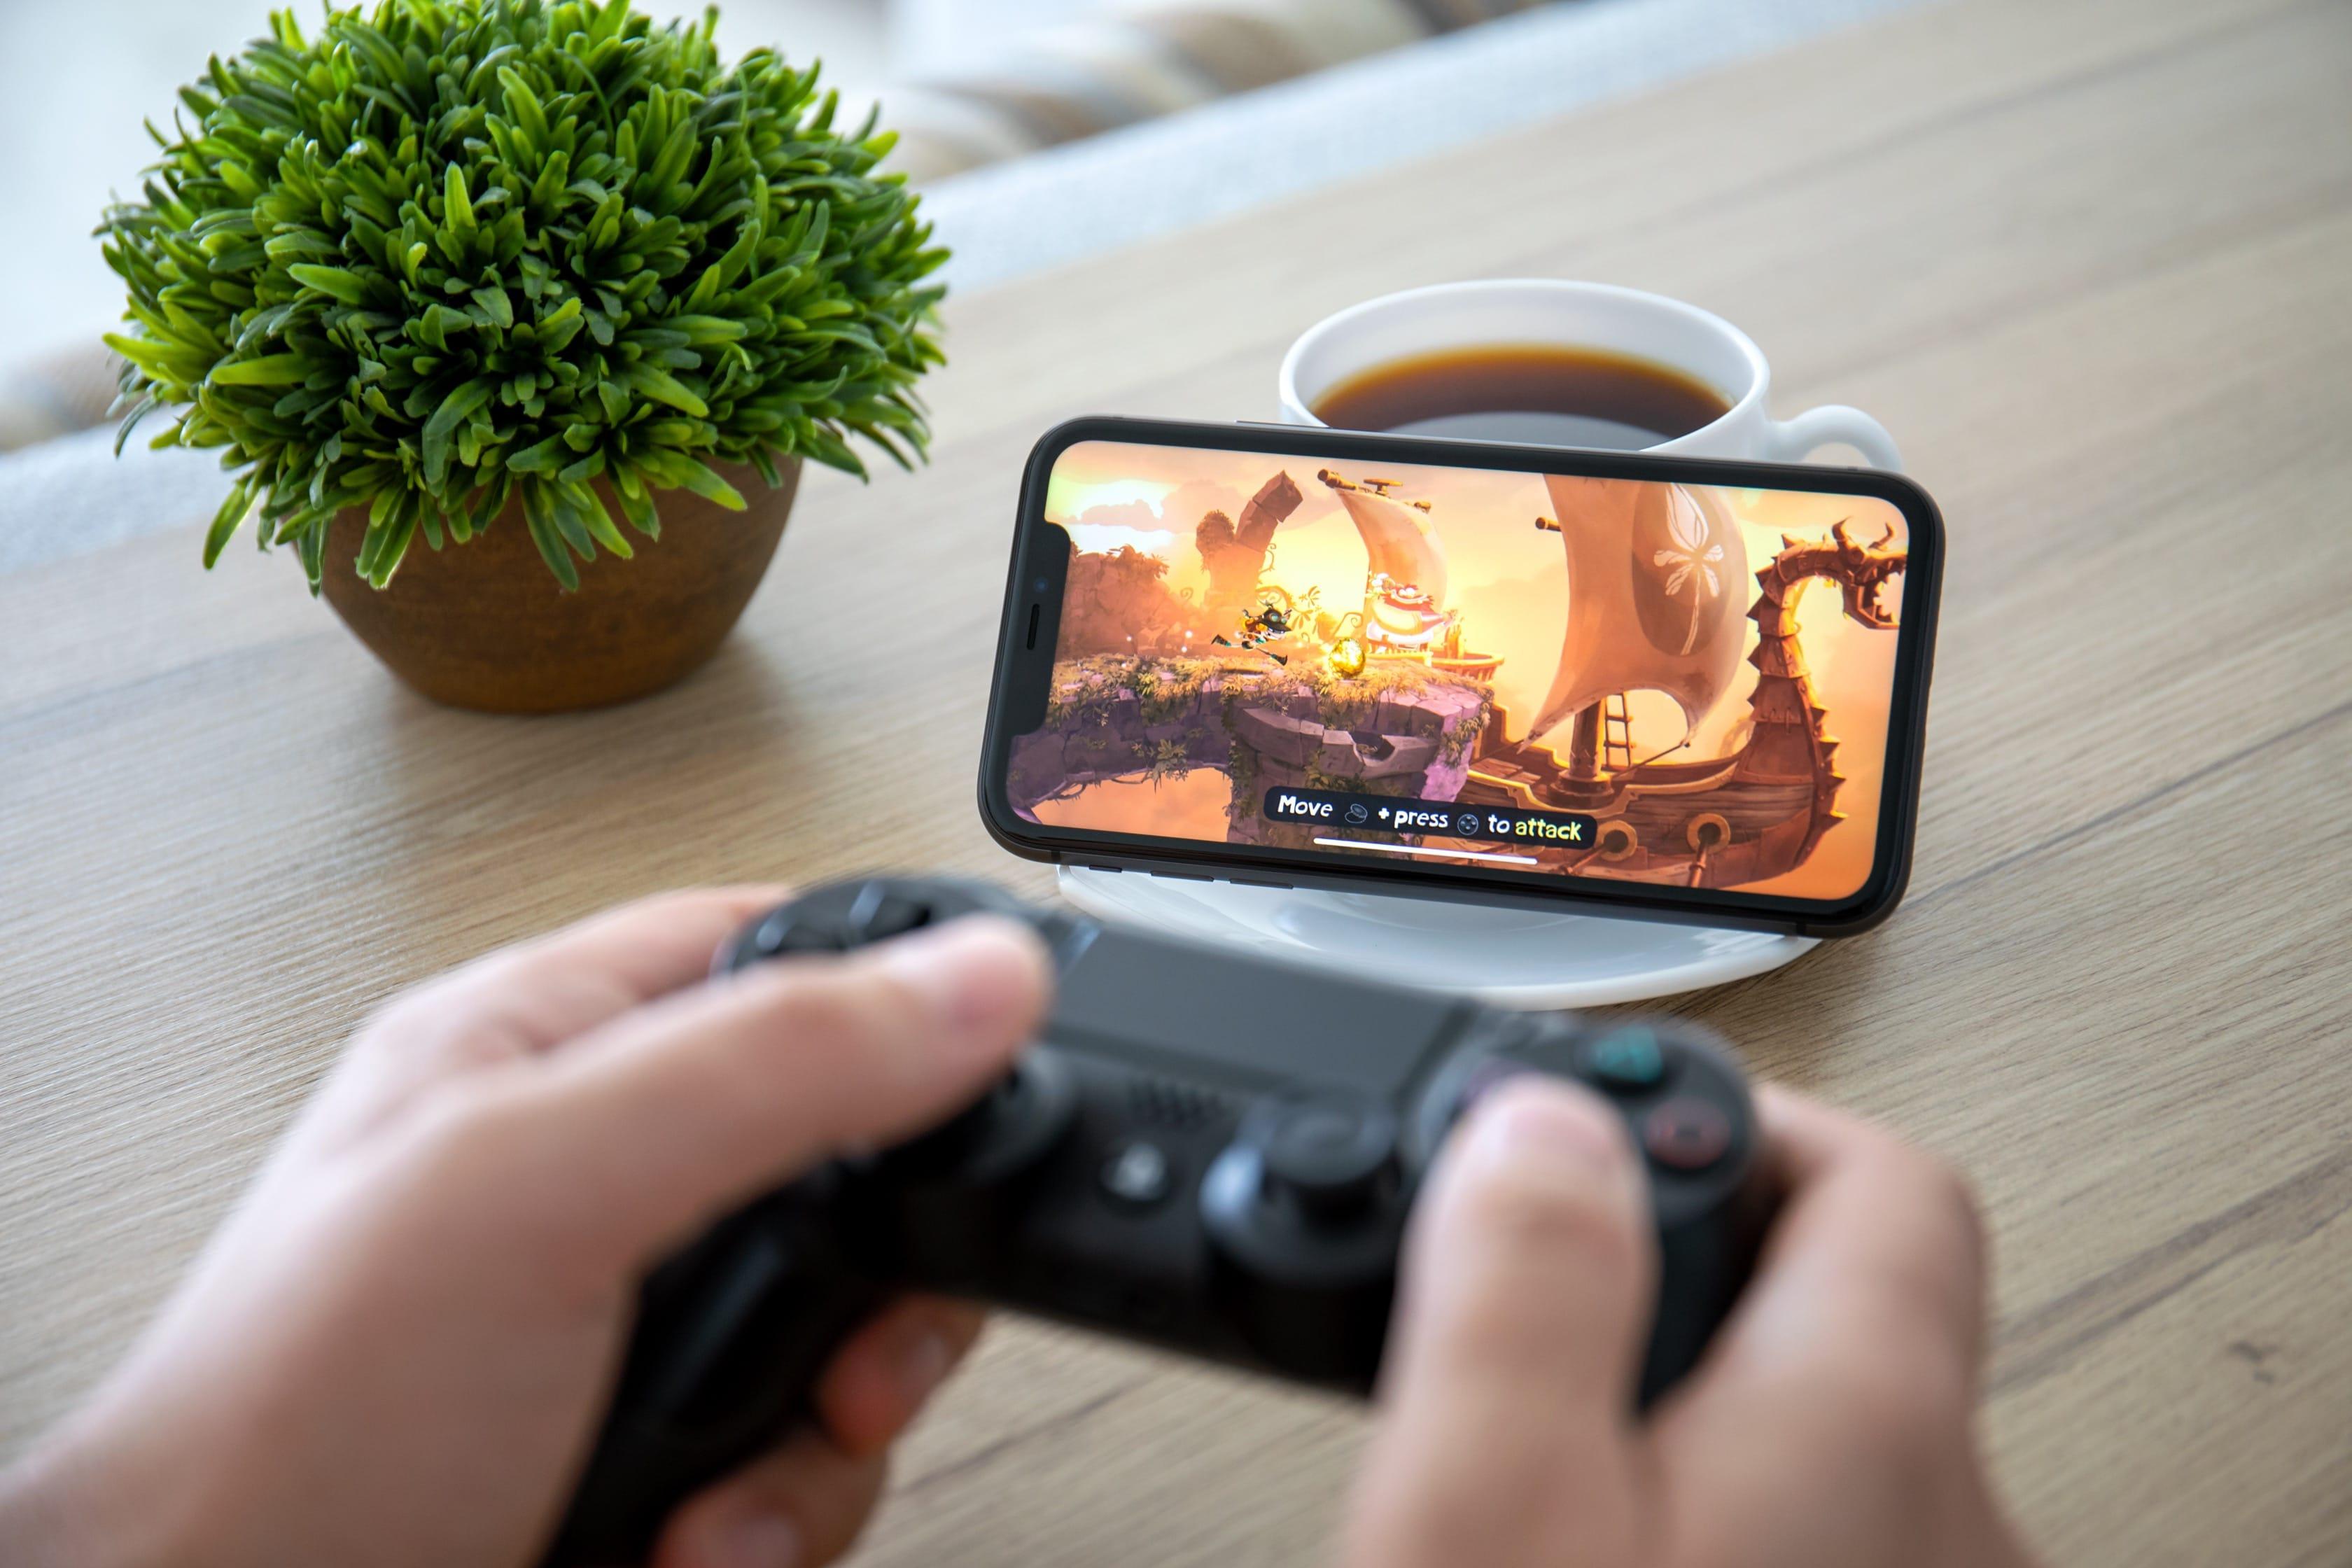 Jogando no iPhone com um controle de console